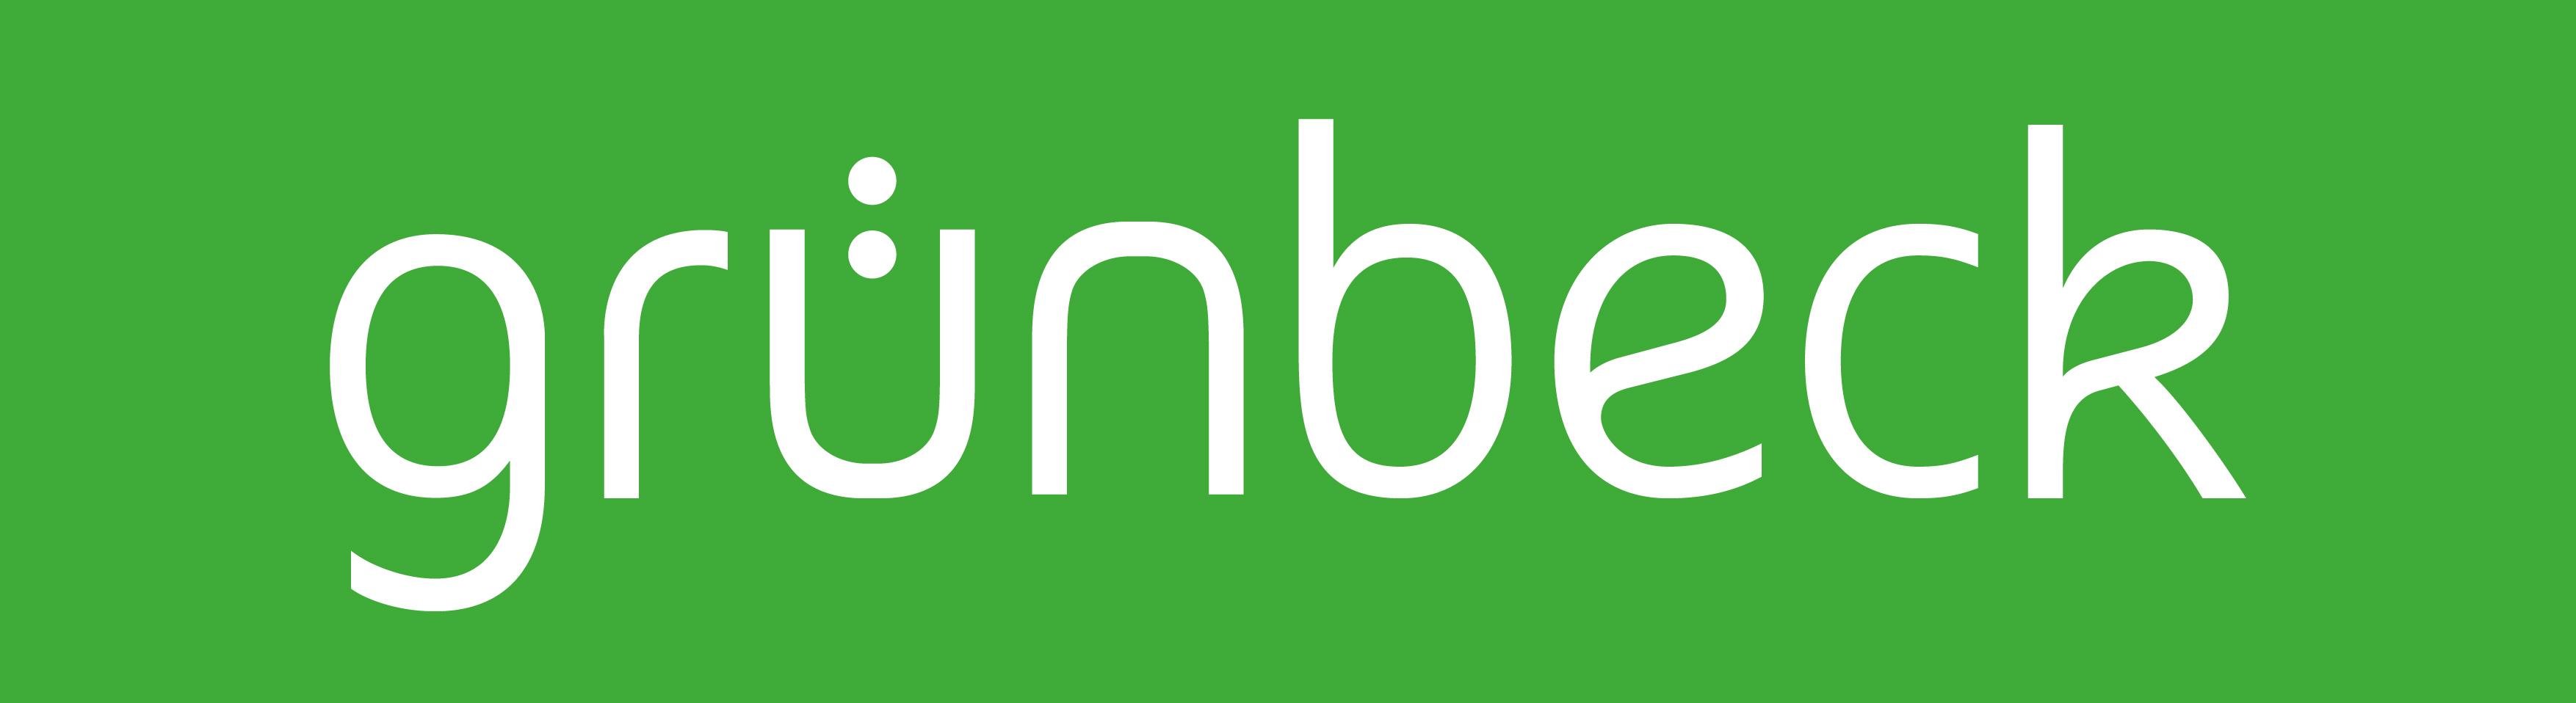 Grünbeck-Logo